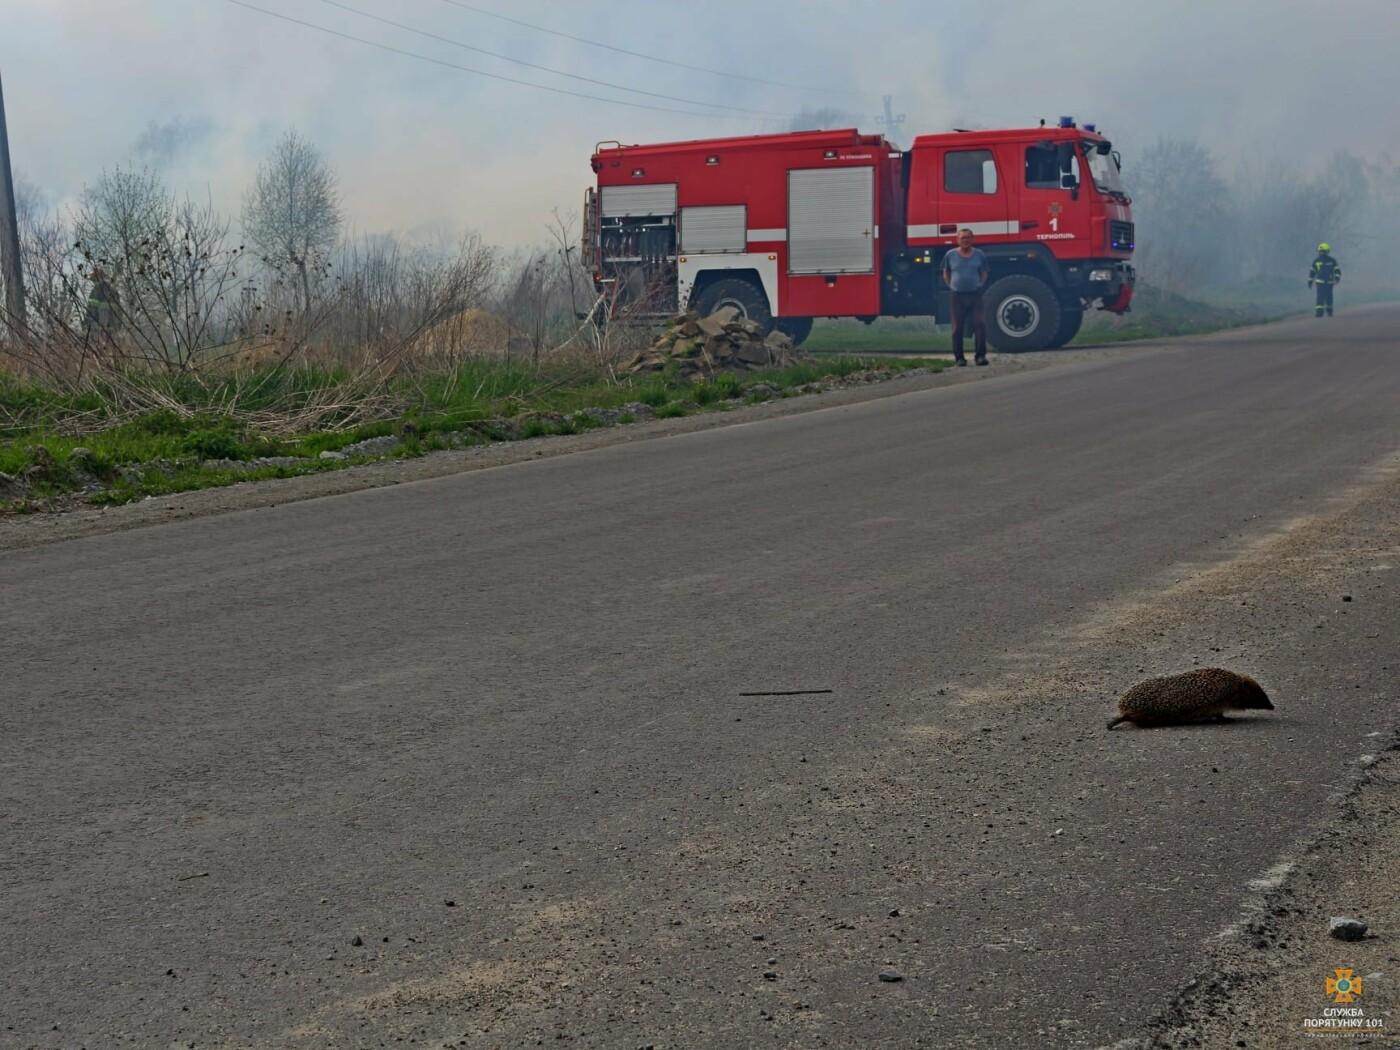 """""""Їжачок дивом врятувався"""": вогнеборці оприлюднили фото страшних наслідків пожежі поблизу Тернополя (ФОТО), фото-1"""